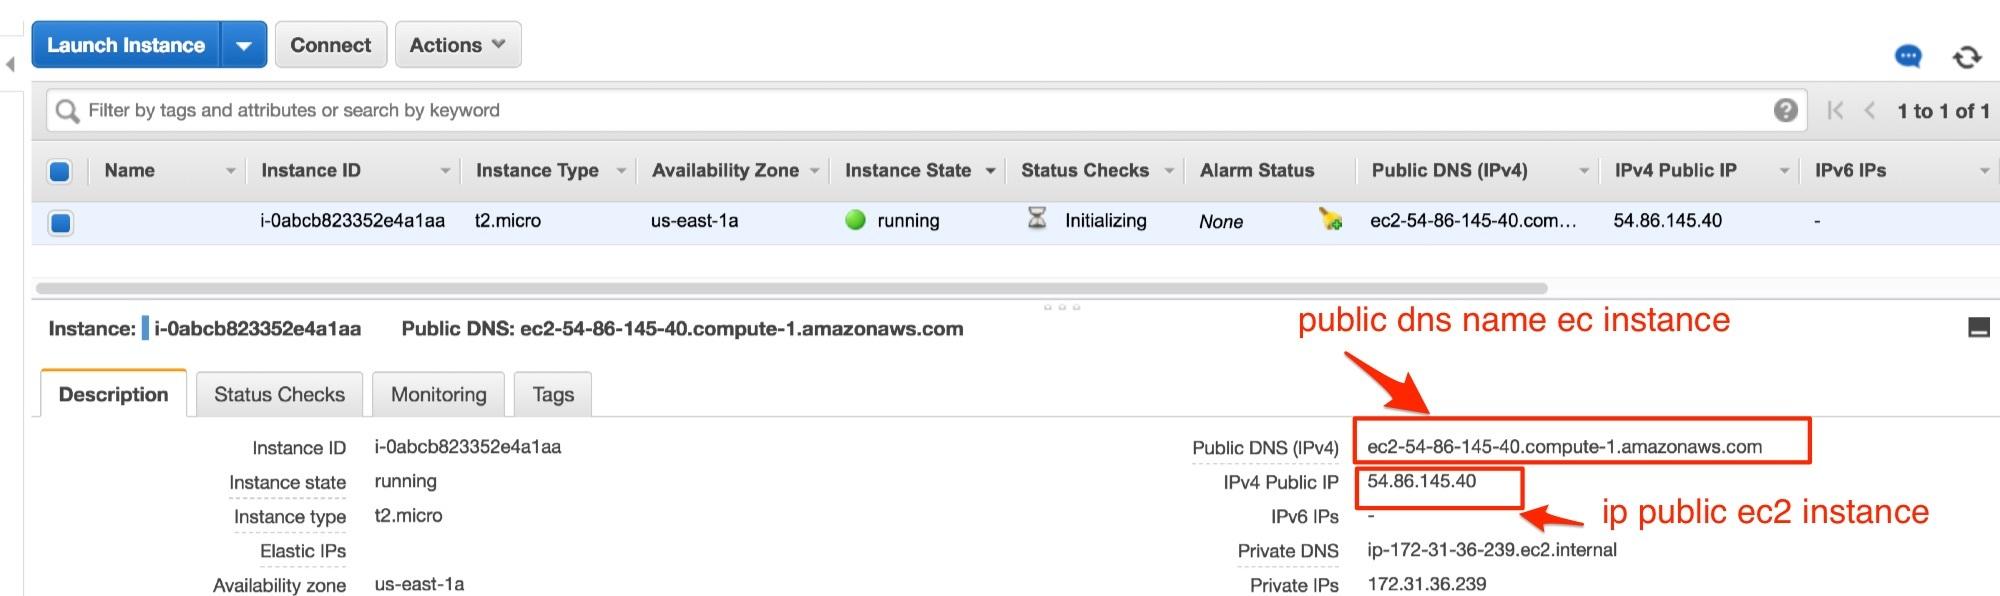 ec2 instance linux - thông tin dns name và ip public